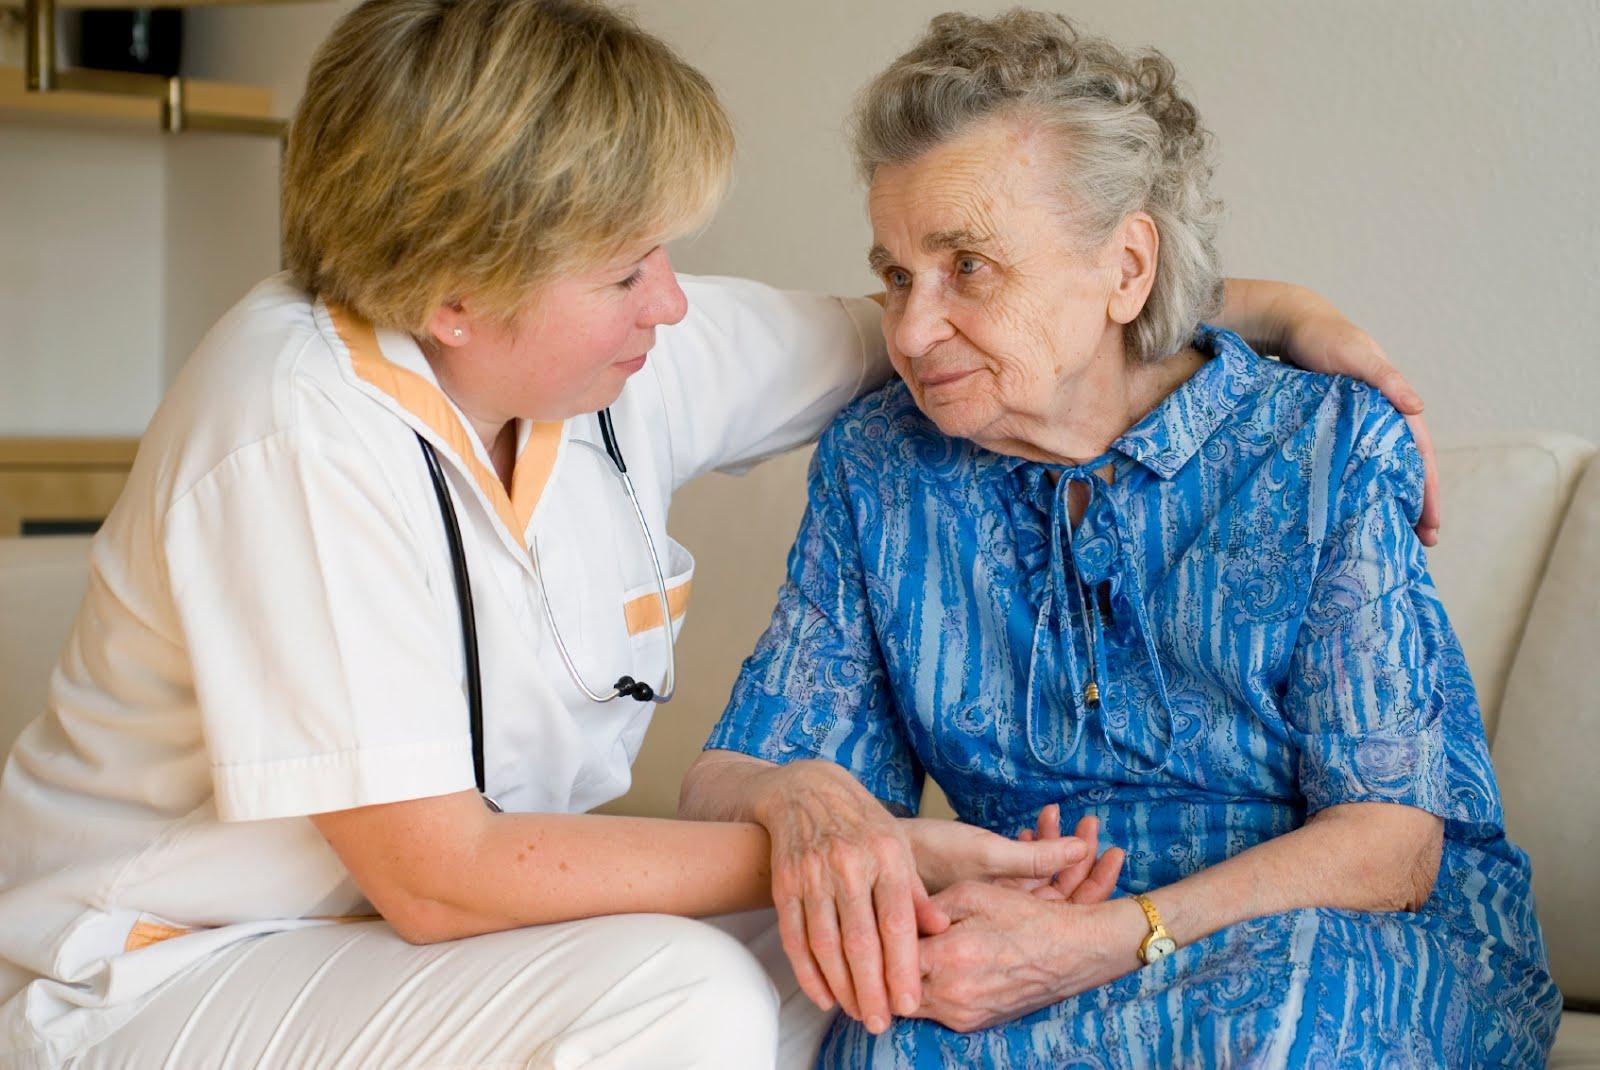 Характерные симптомы деменции у пожилых людей